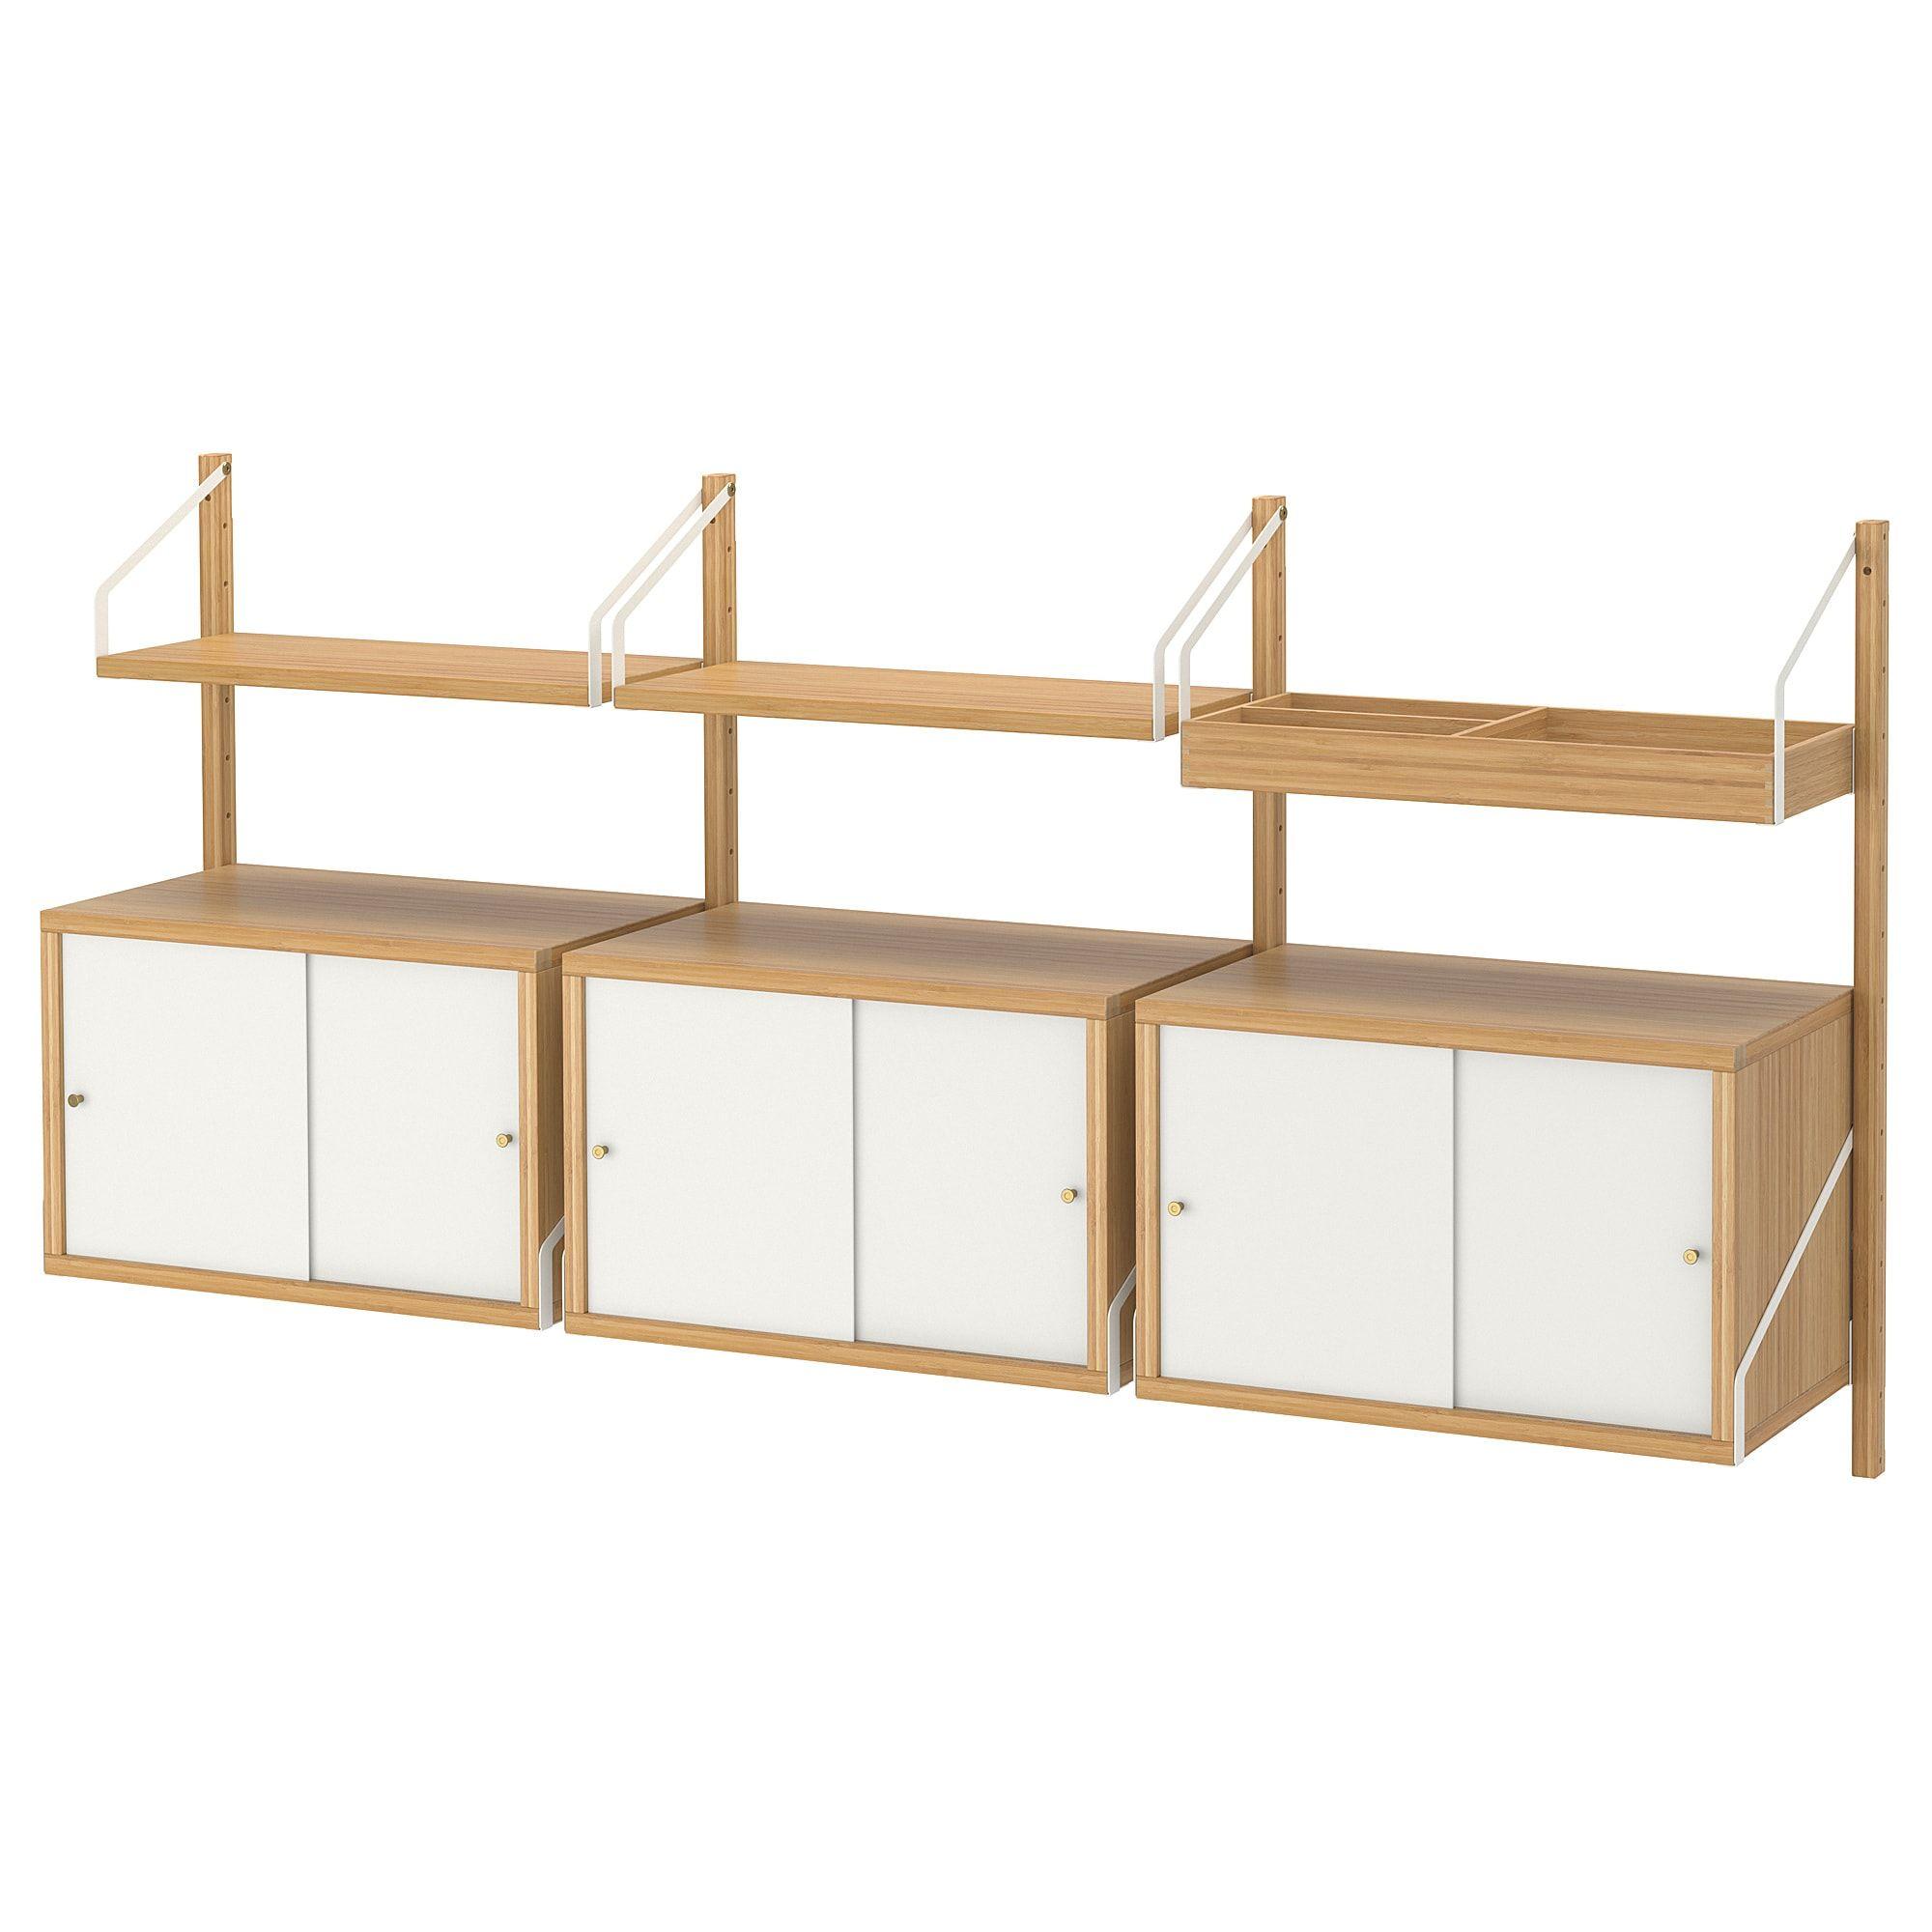 Ikea Svalnas Bamboo White Wall Mounted Storage Combination Ikea